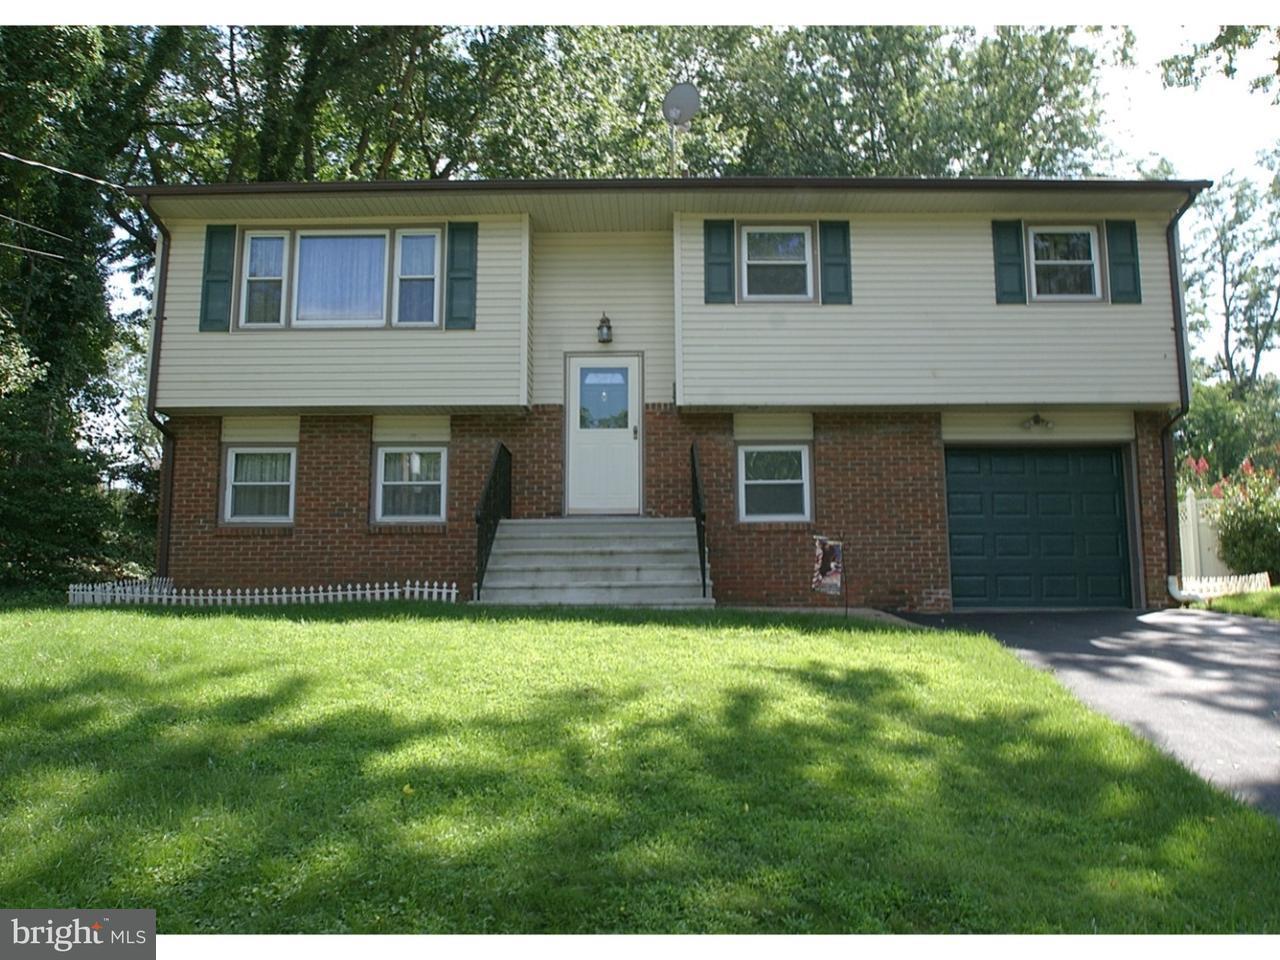 Частный односемейный дом для того Продажа на 11 HAGEMOUNT Avenue Hightstown, Нью-Джерси 08520 Соединенные ШтатыВ/Около: Hightstown Borough